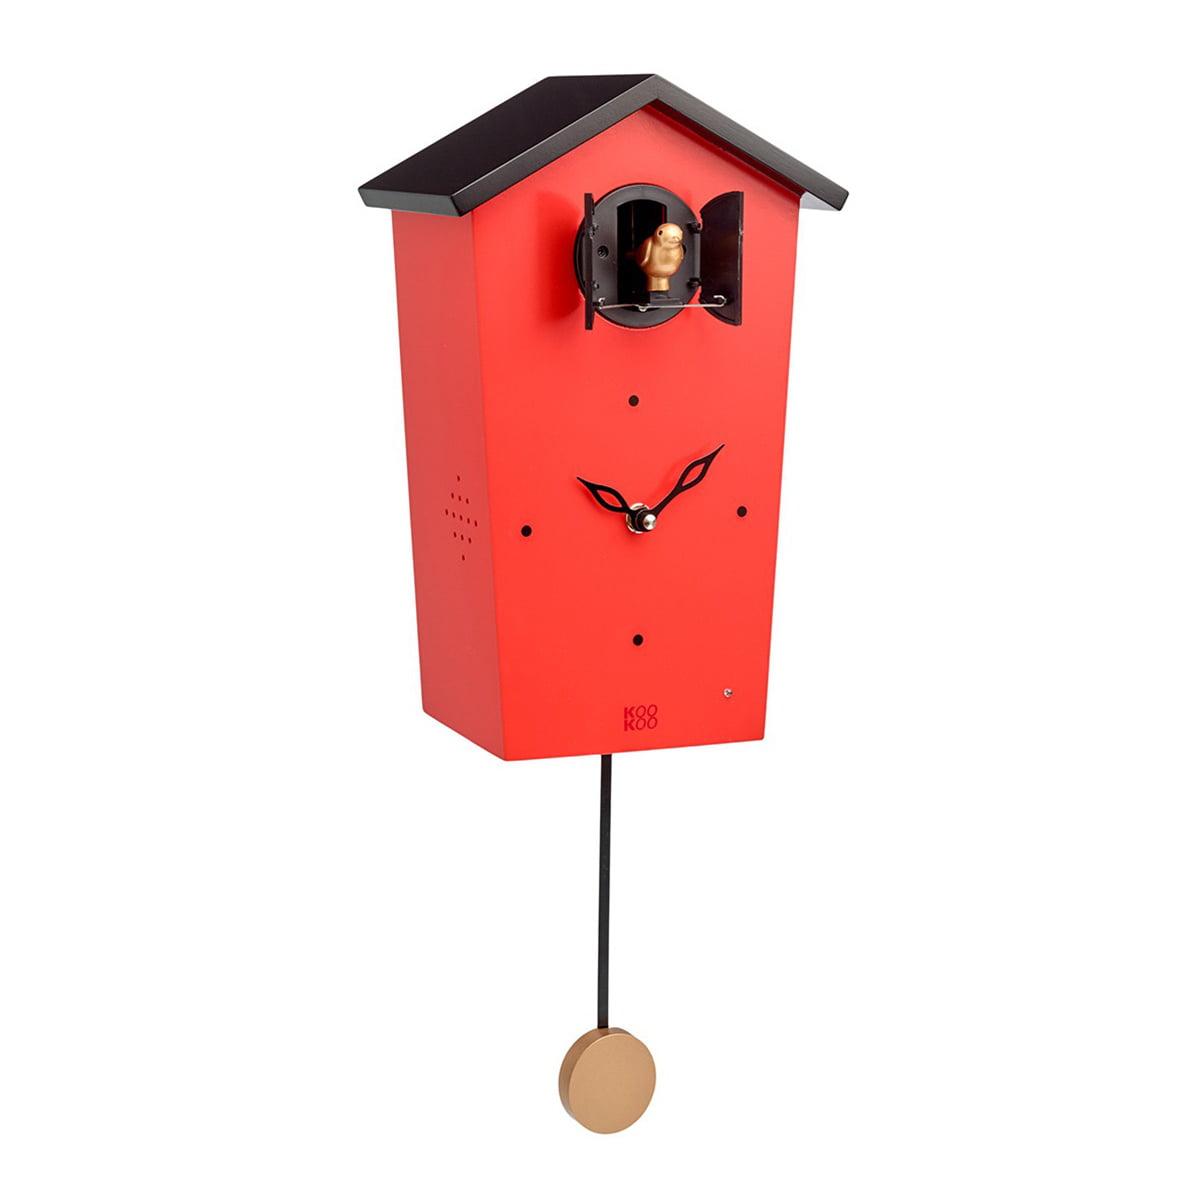 Birdhouse Bird House Cuckoo Clock By Kookoo